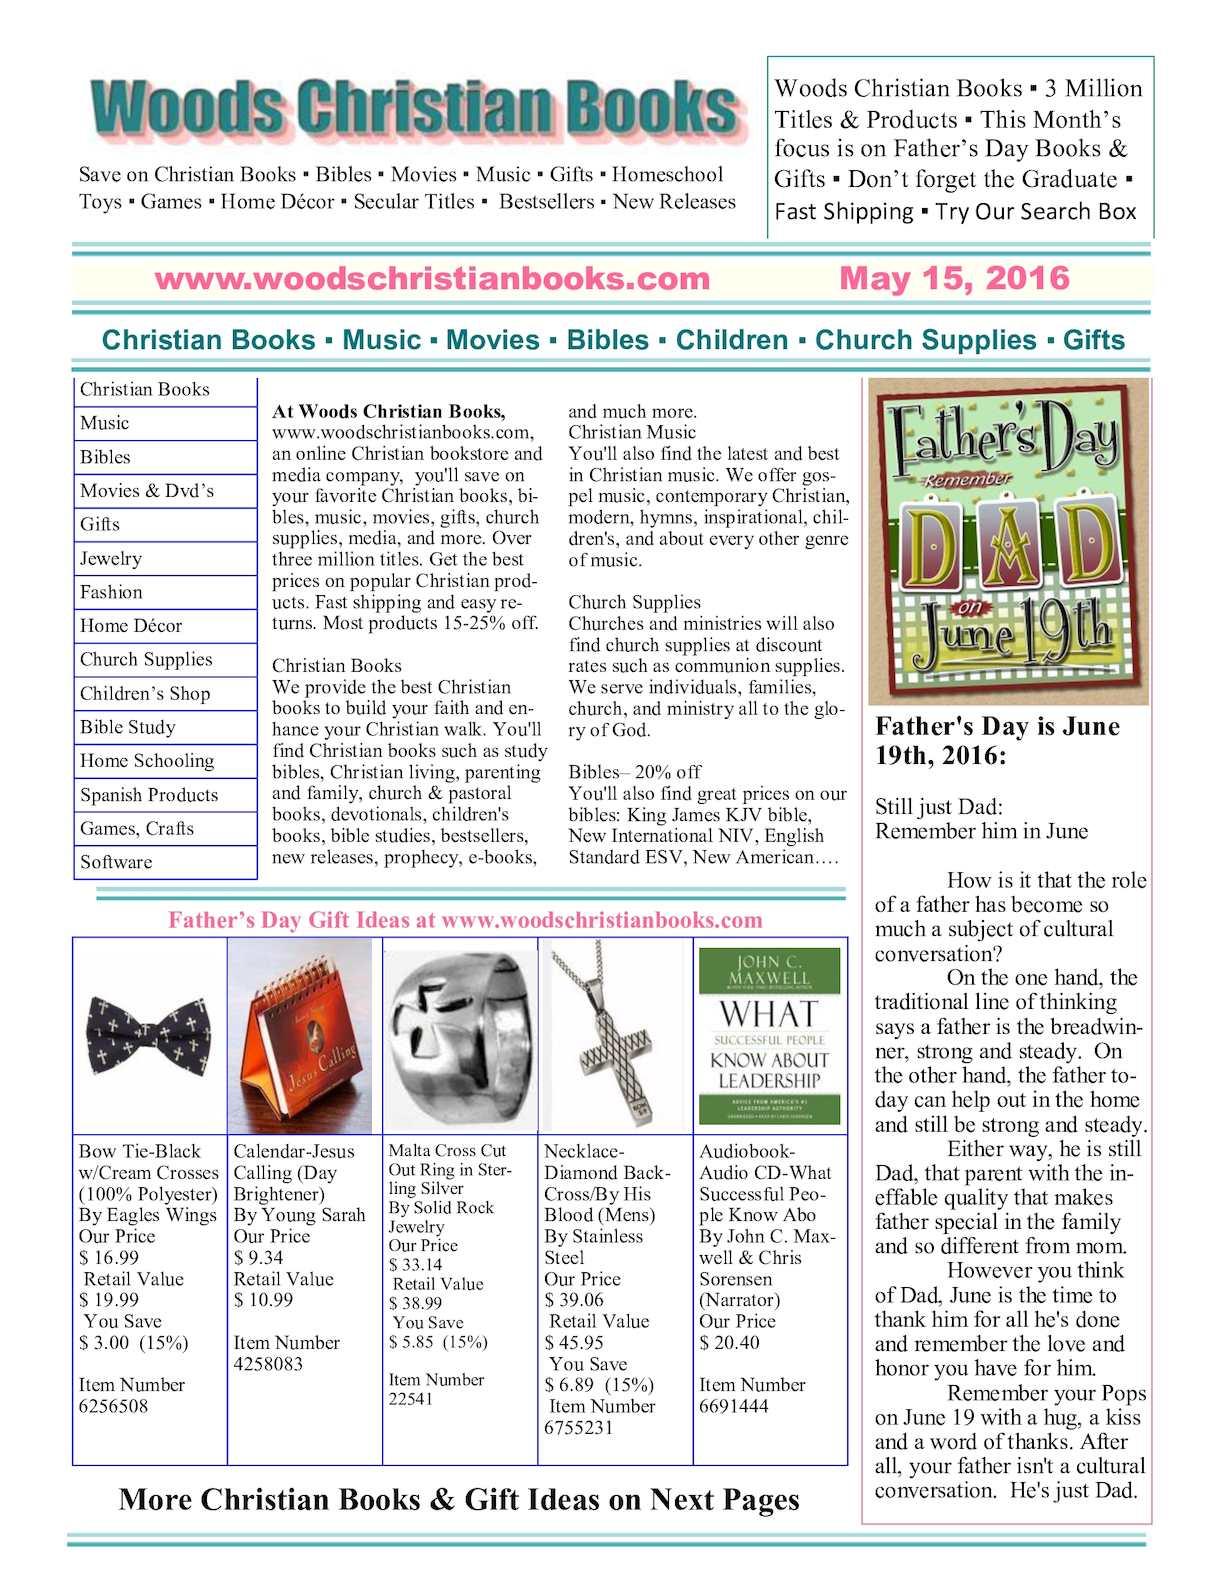 Calaméo - Woods Christian Books May 2016